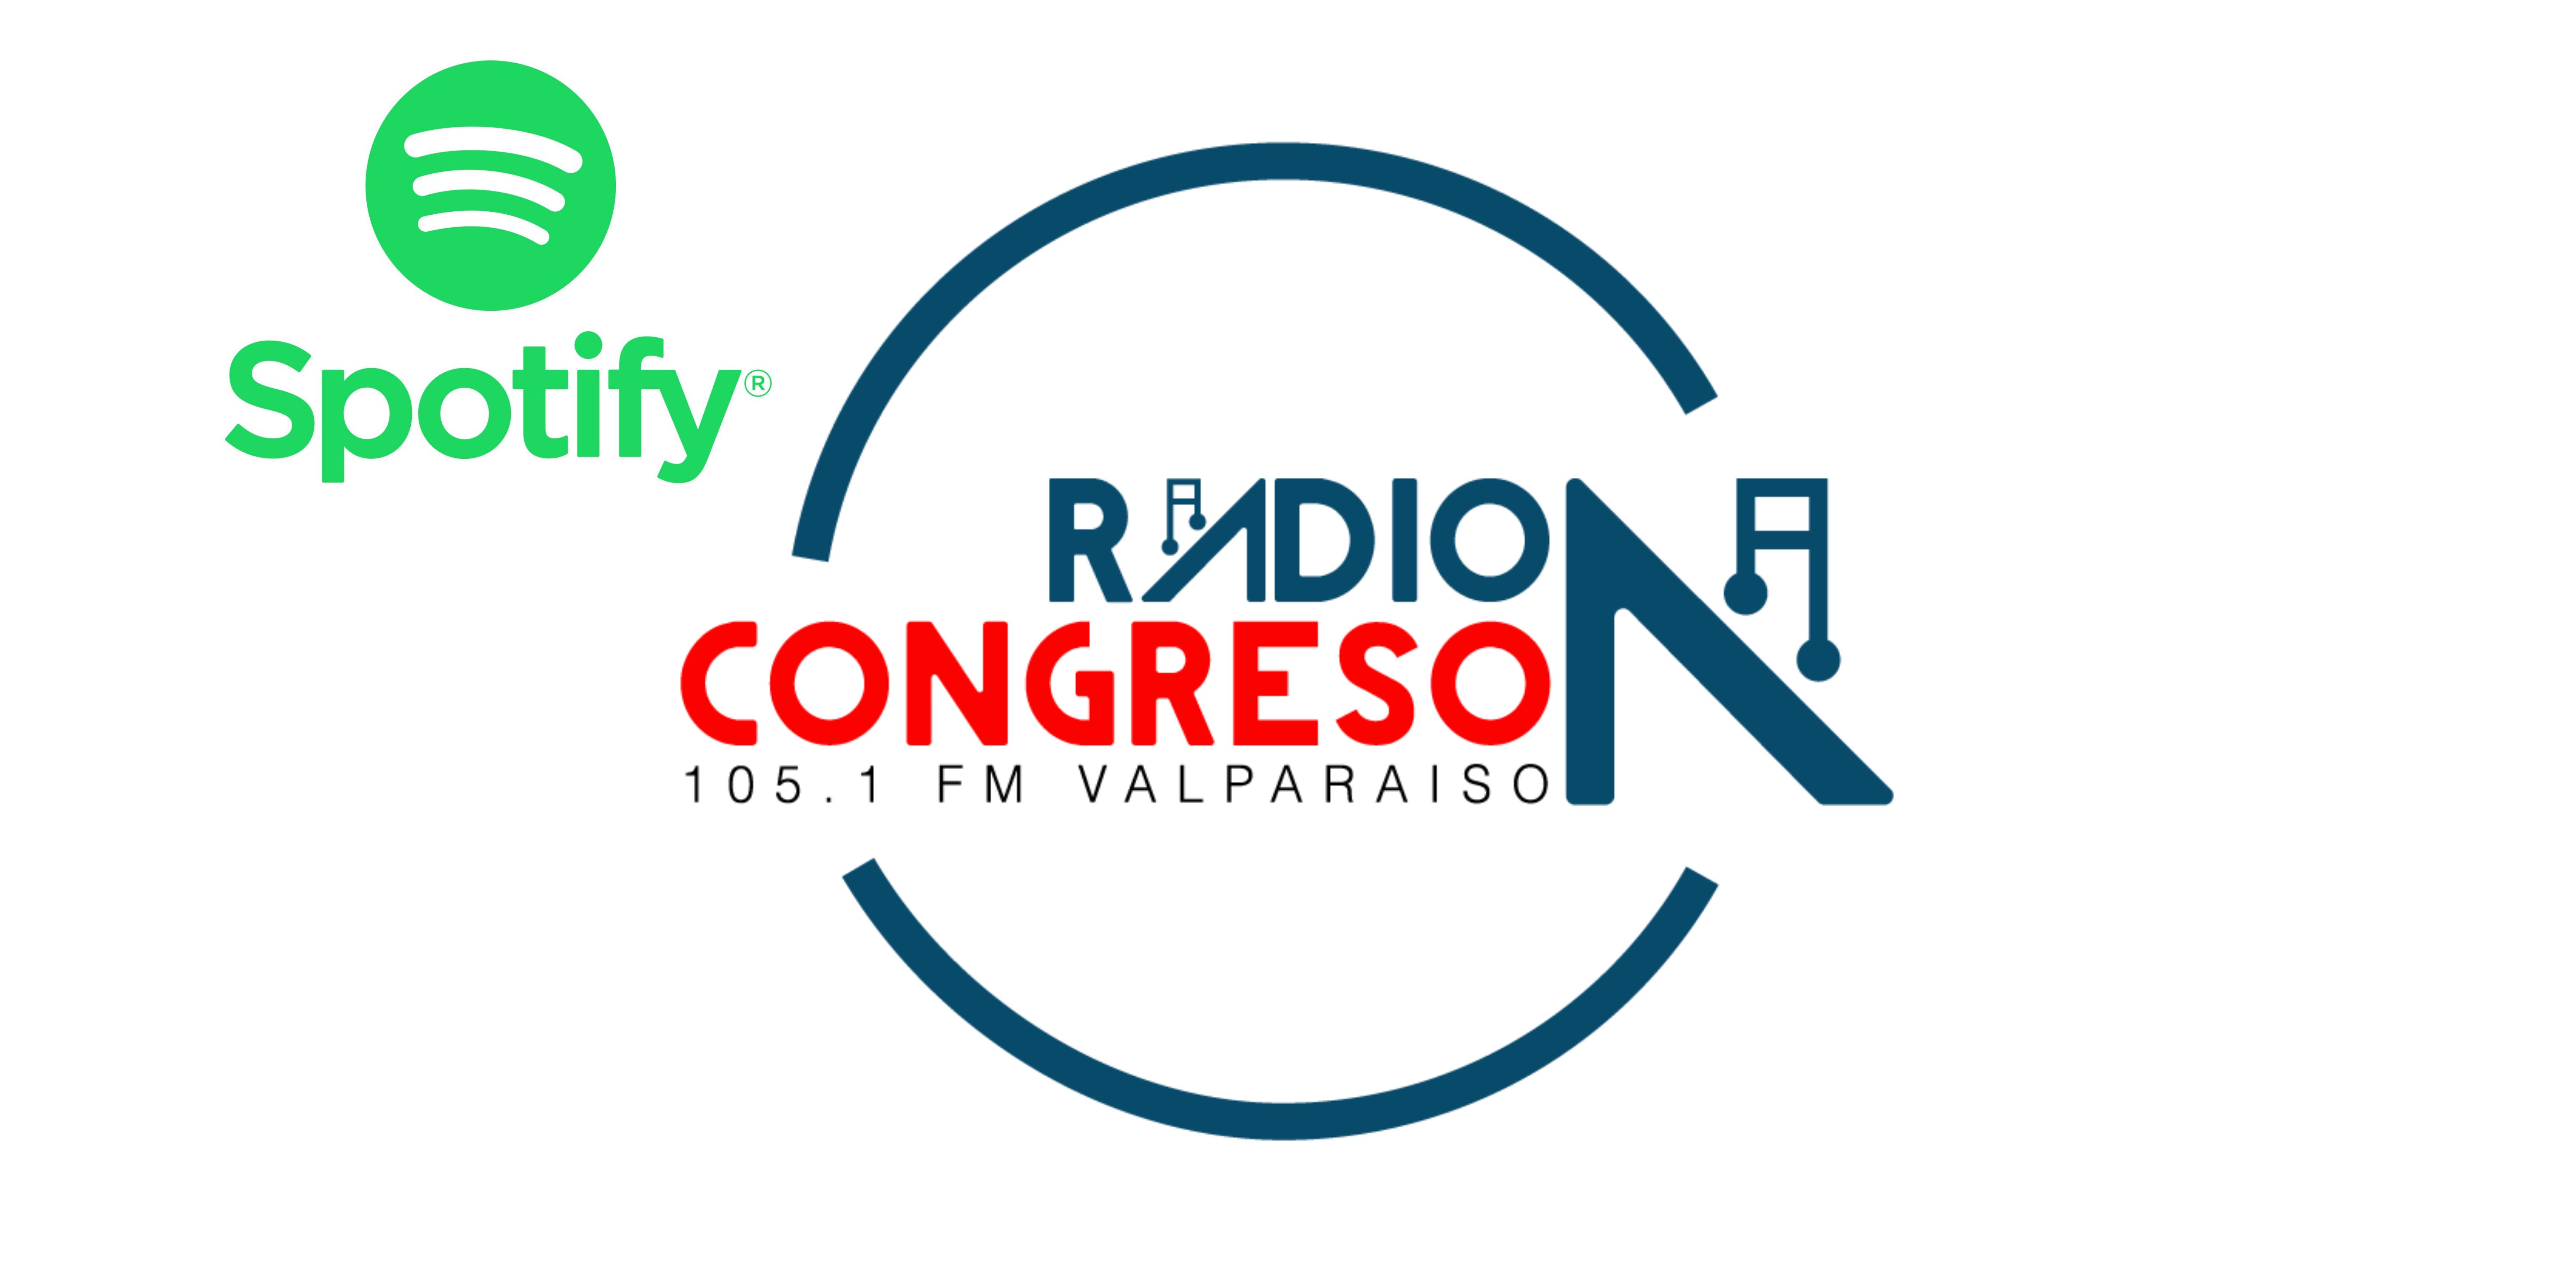 Radio Congreso en Spotify